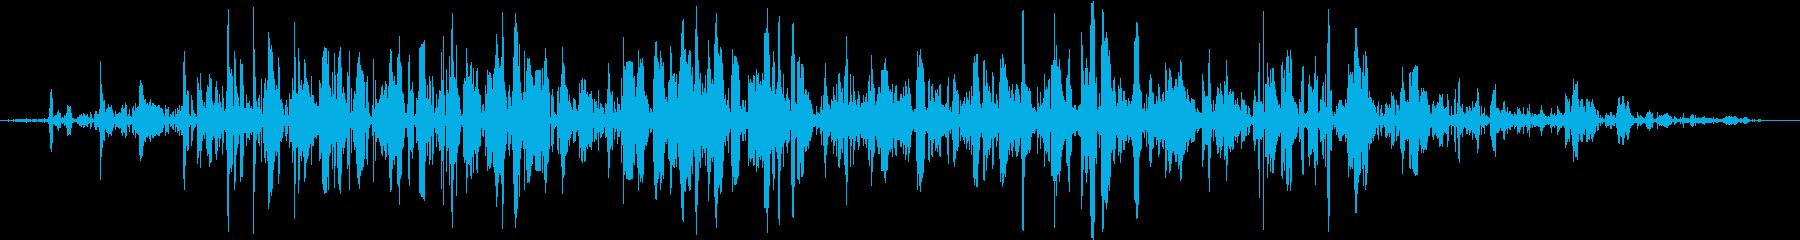 ミュージカルイオン化水魔法、呪文、...の再生済みの波形